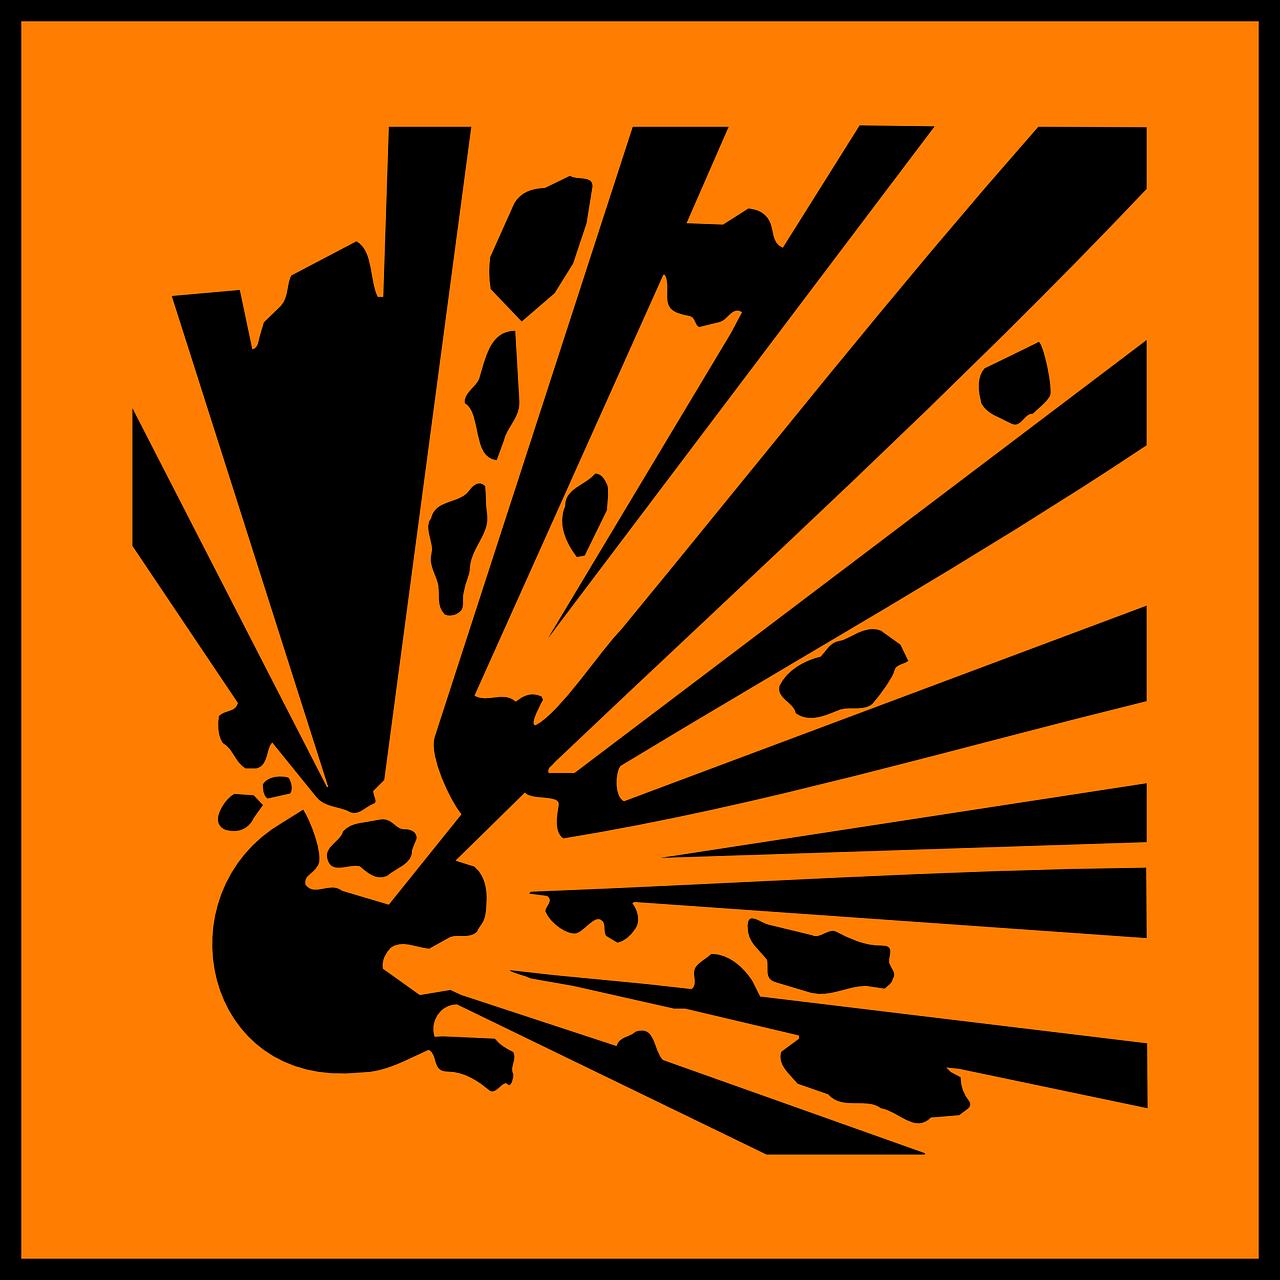 etiqueta_explosivo